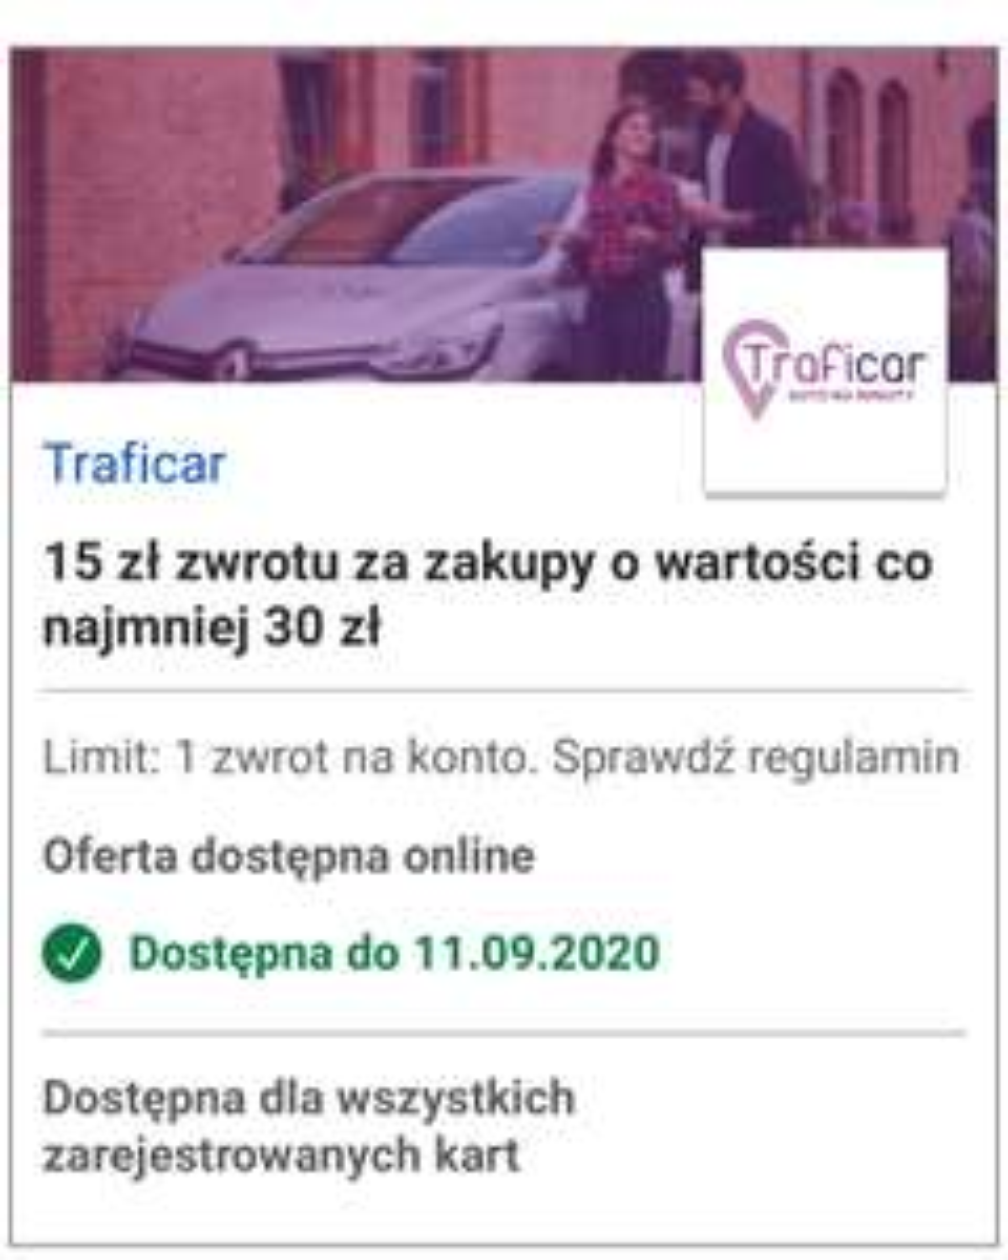 Traficar 15 zł zwrotu za zakupy od 30 zł @visaoferty